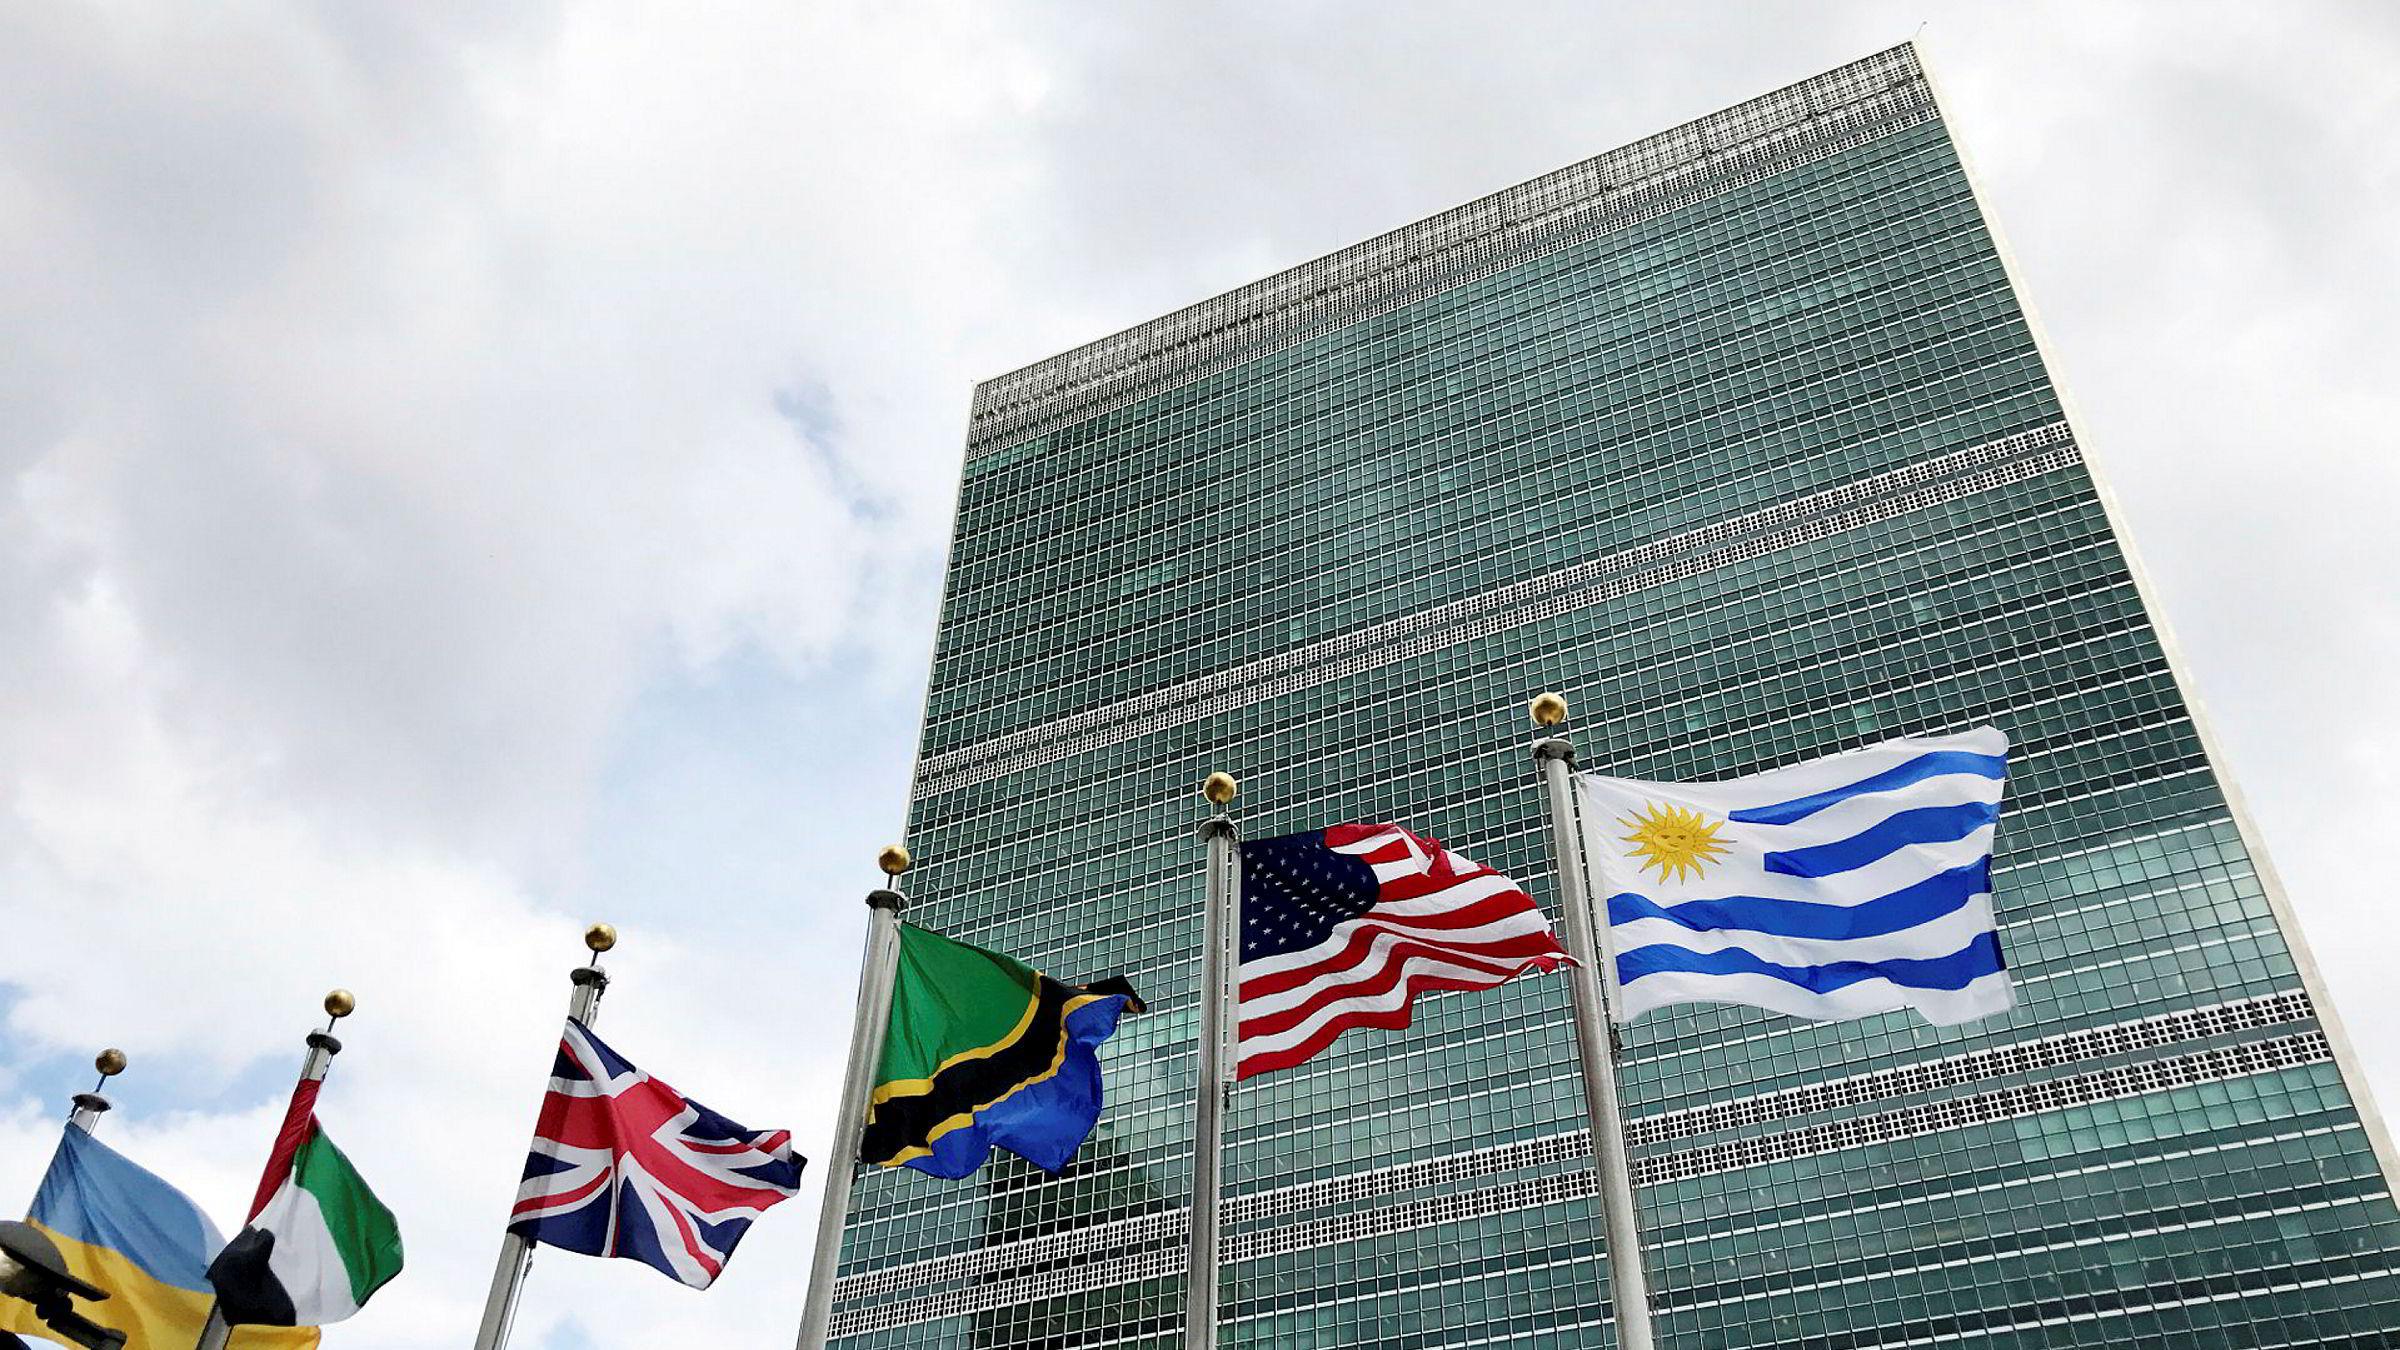 FN er svært motstandsdyktige mot forsøk på tvungen reform. 37.000 ansatte er altfor mange. Men ingen vil nedskalere.